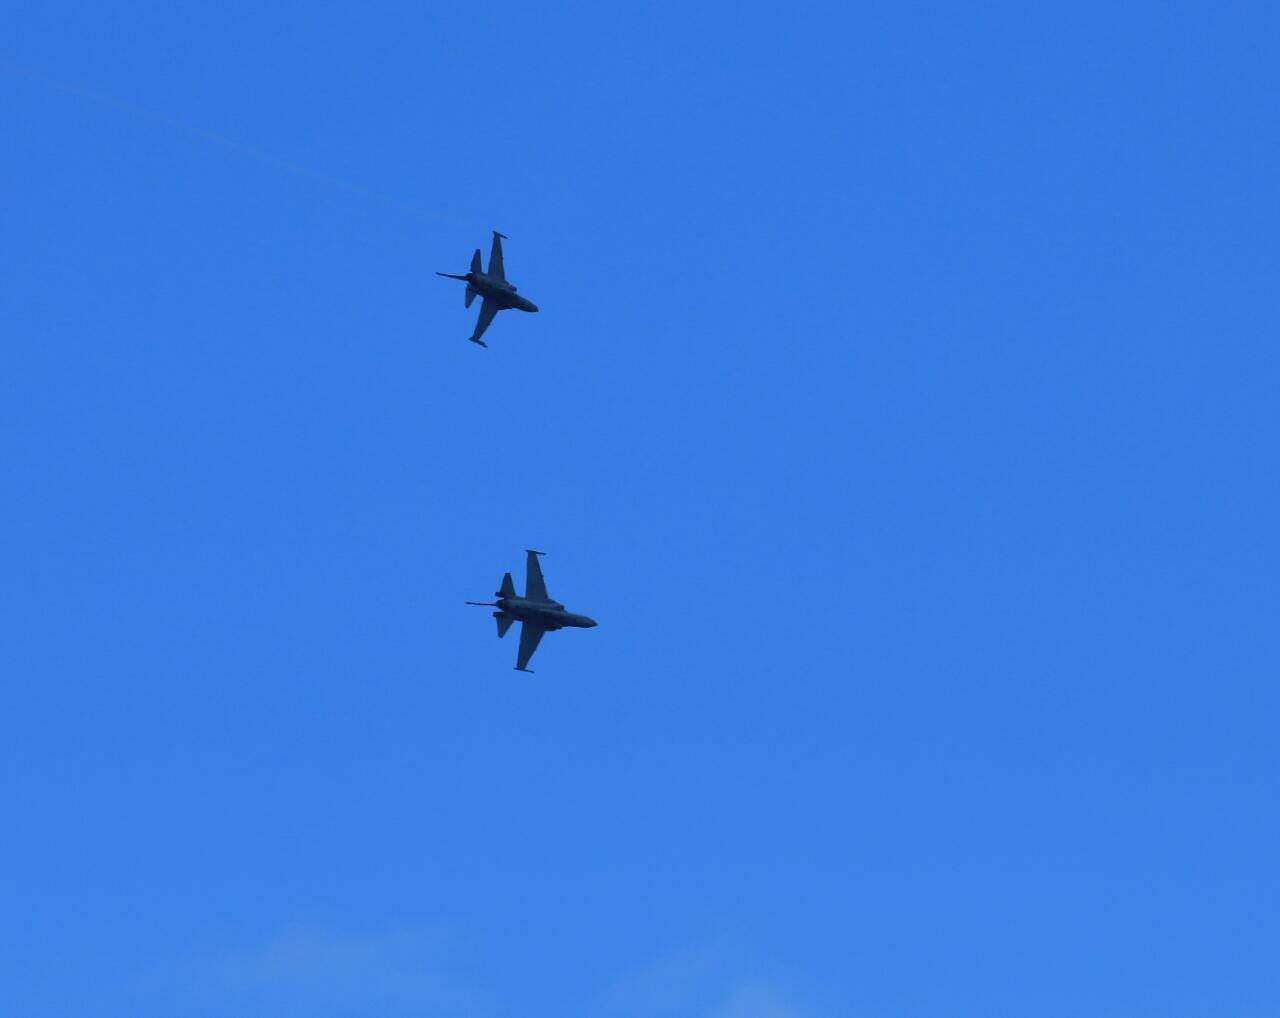 Dog Fight F-16 Dengan T-50i Awali Pelaksanaan Manuver Lapangan Latihan Sikatan Daya 2020.